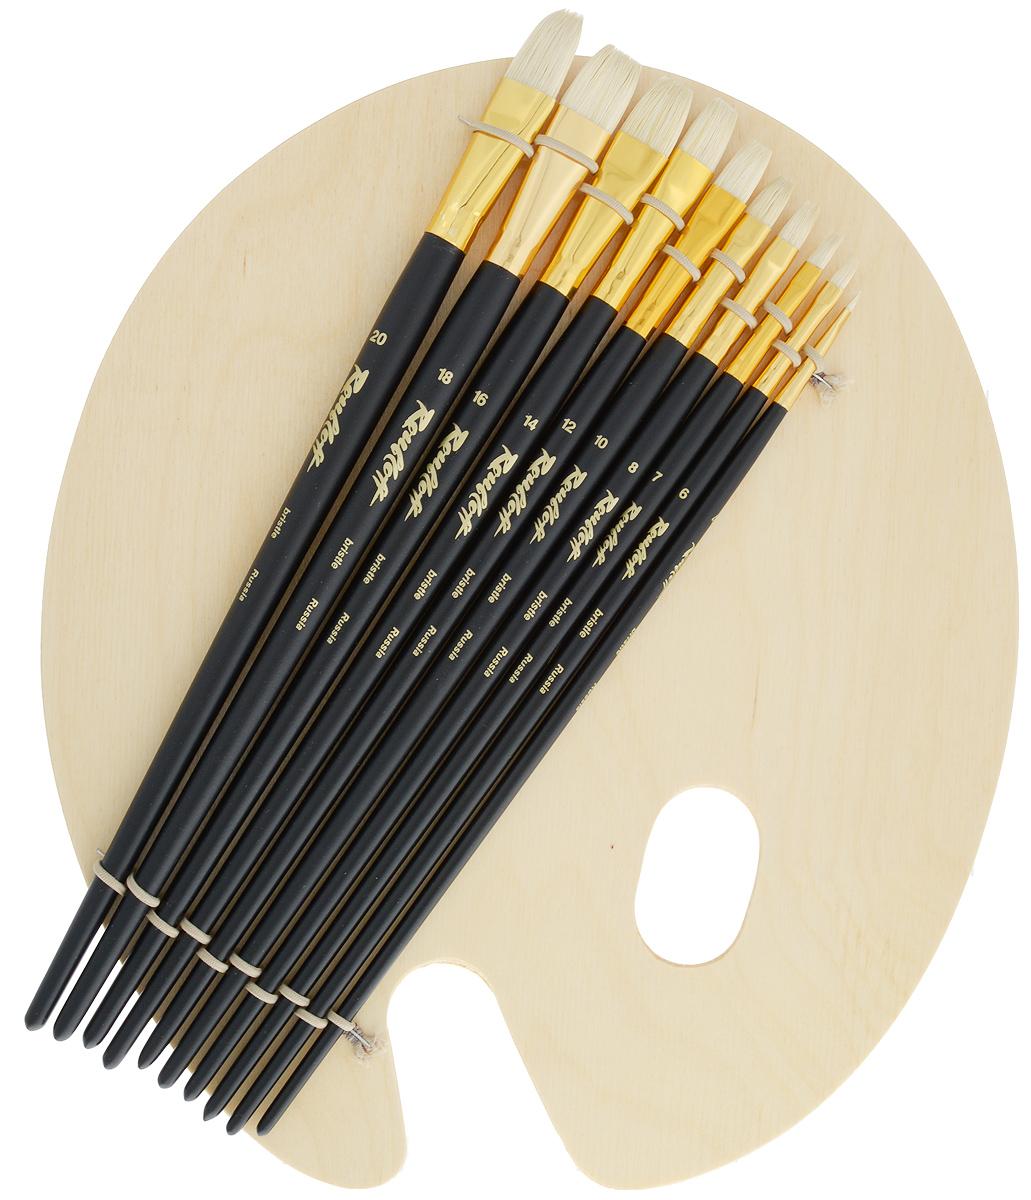 Набор кистей Rubloff №42, с палитрой, 10 штНабор № 42Набор Rubloff №42 состоит из десяти плоских кистей №4, 6, 7, 8, 10, 12, 14, 16, 18, 20 и овальной деревянной палитры. Такой набор идеально подойдет для художественных и декоративно-оформительских работ. Кисти изготовлены из щетины. Деревянные длинные ручки оснащены алюминиевыми втулками с двойной обжимкой. Длина кистей: №4 - 29,7 см; №6 - 30,8 см; №7 - 31,2 см; №8 - 31,3 см; №10 - 31,5 см; №12 - 31,8 см; №14 - 32,5 см; №16 - 32,2 см; №18 - 32,2 см; №20 - 33 см. Длина пучка: №4 - 7 мм; №6 - 1 см; №7 - 1,2 см; №8 - 1,4 см; №10 - 1,5 см; №12 - 1,7 см; №14 - 1,9 см; №16 - 2 см; №18 - 2,2 см; №20 - 2,6 см. Размер палитры: 33 х 28,5 х 0,2 см.